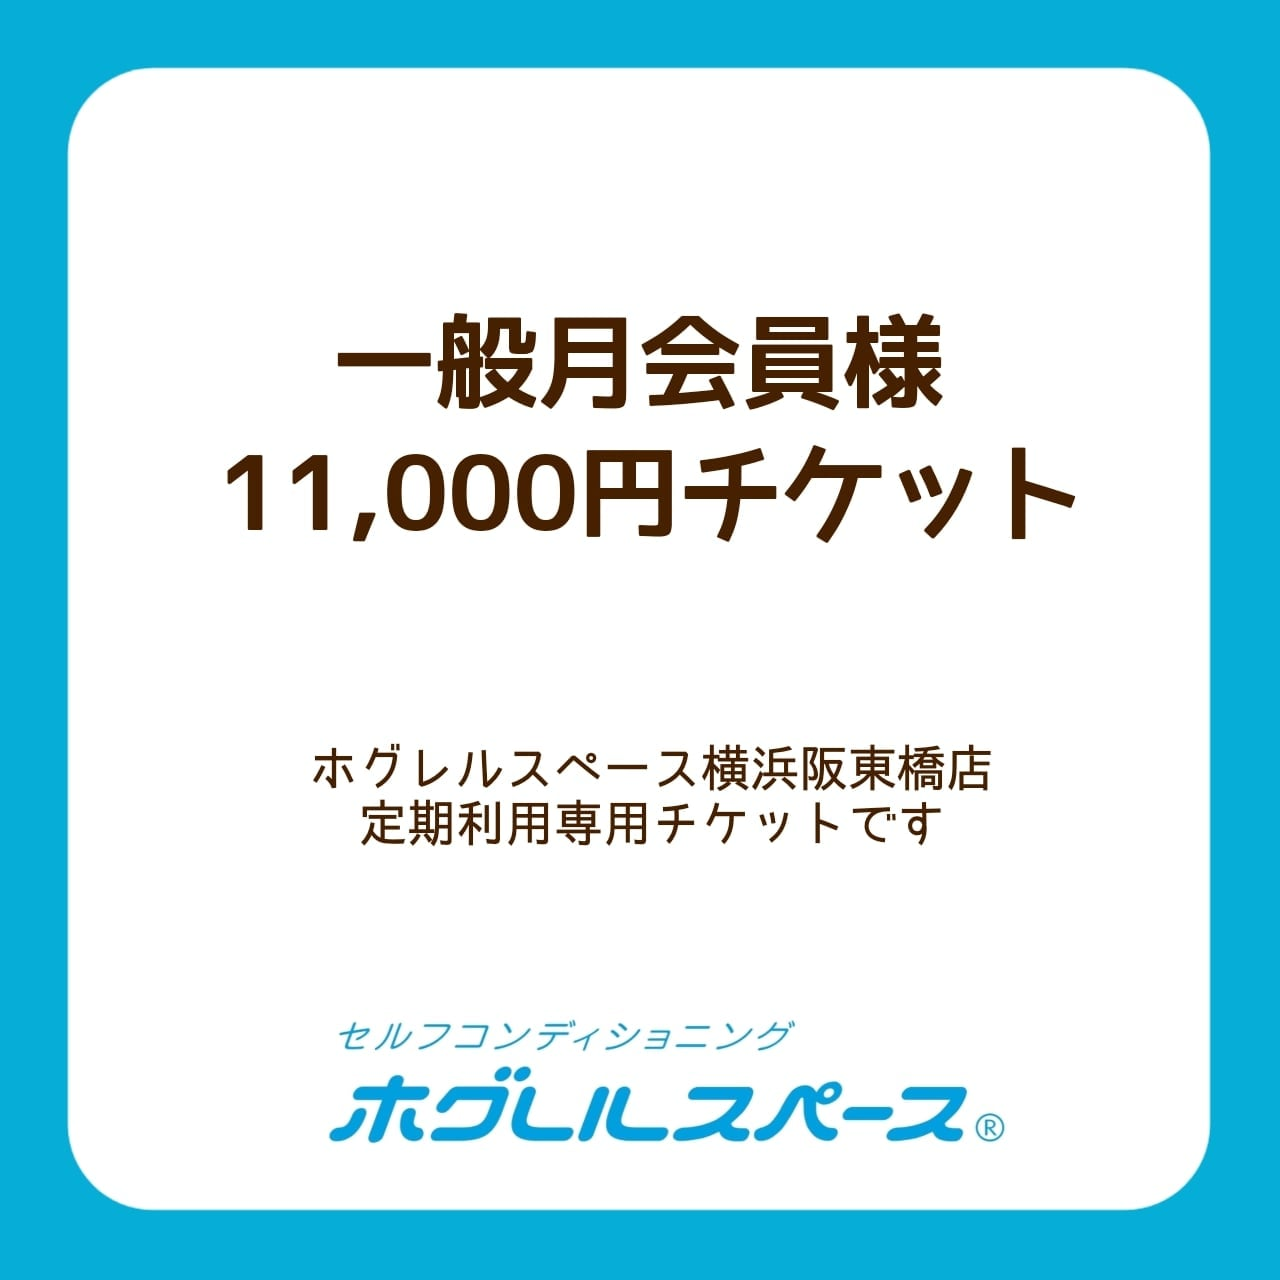 一般会員様定期利用/月額11,000円チケット(税別)のイメージその1